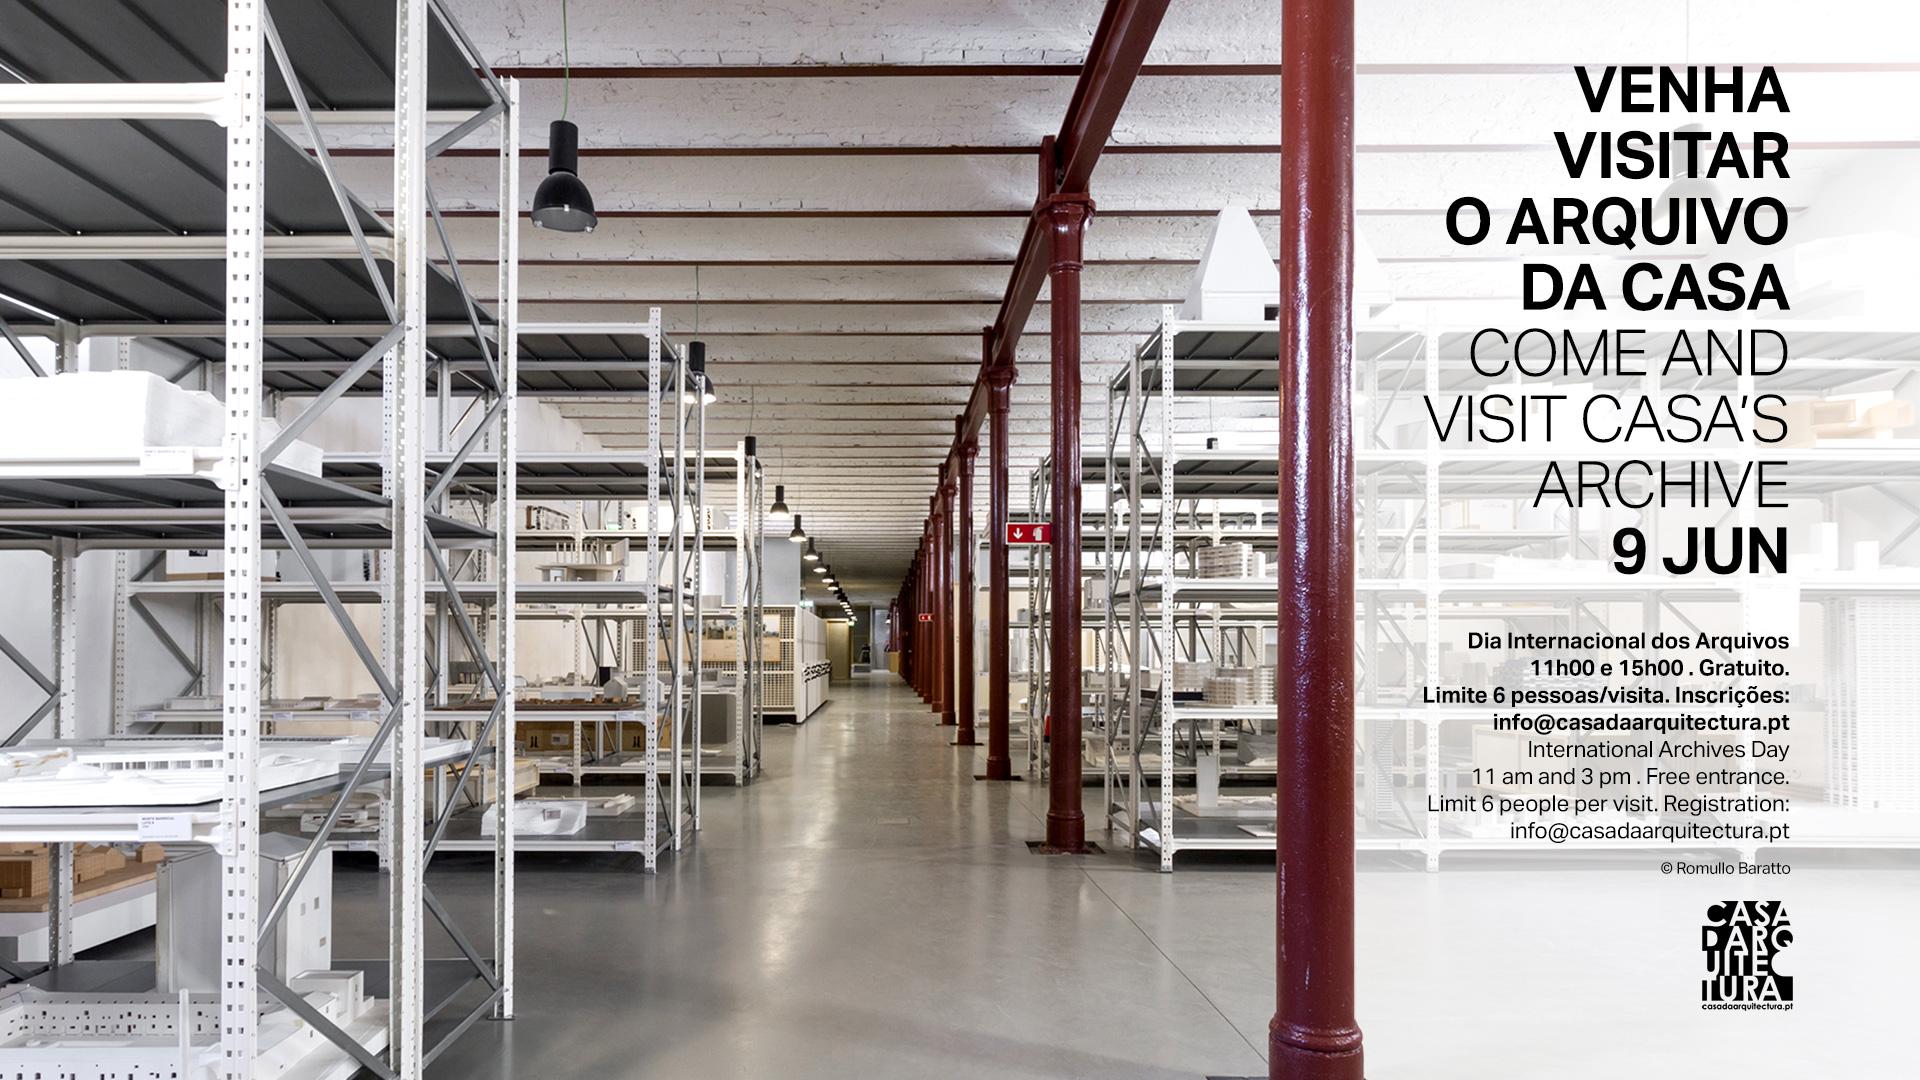 Visitas guiadas ao Arquivo da Casa / Guided visits to Casa´s Archive